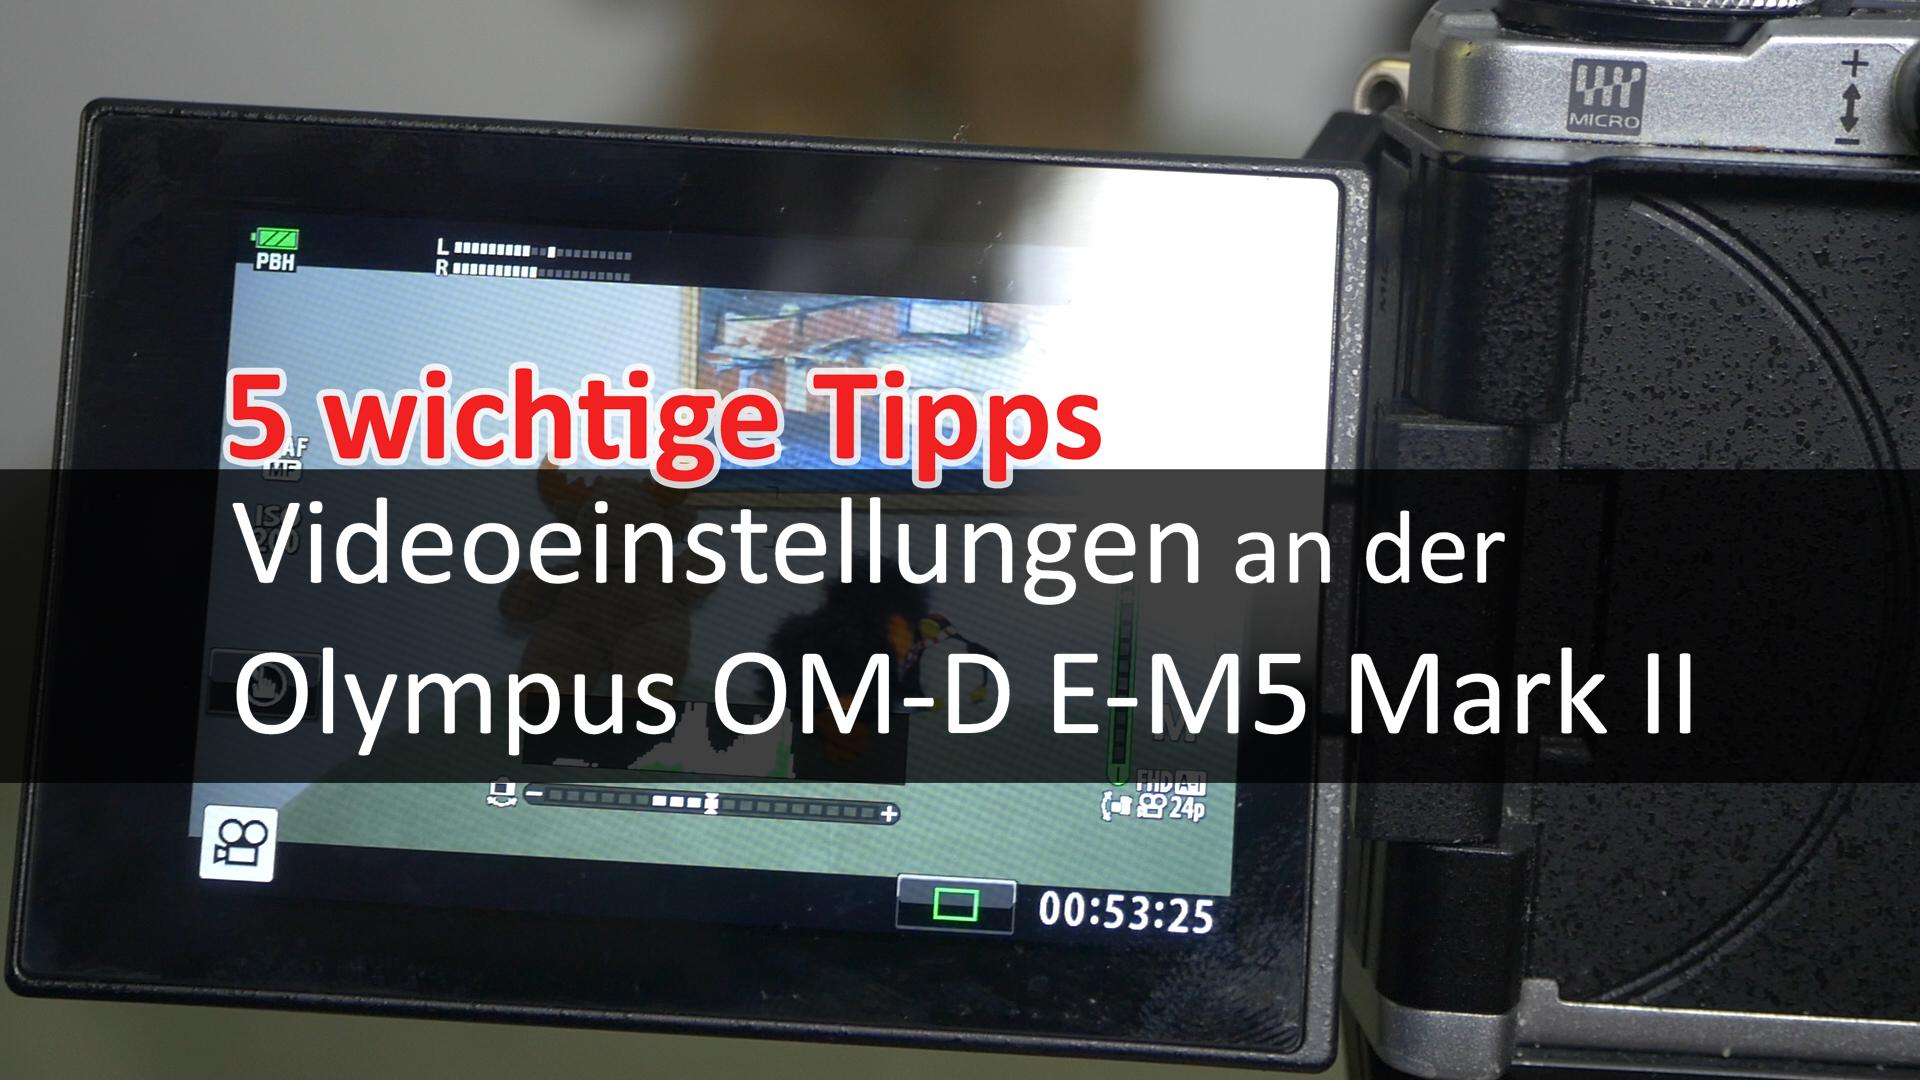 5 Tipps zu Videoeinstellungen an Olympus OM-D E-M5 Mark II